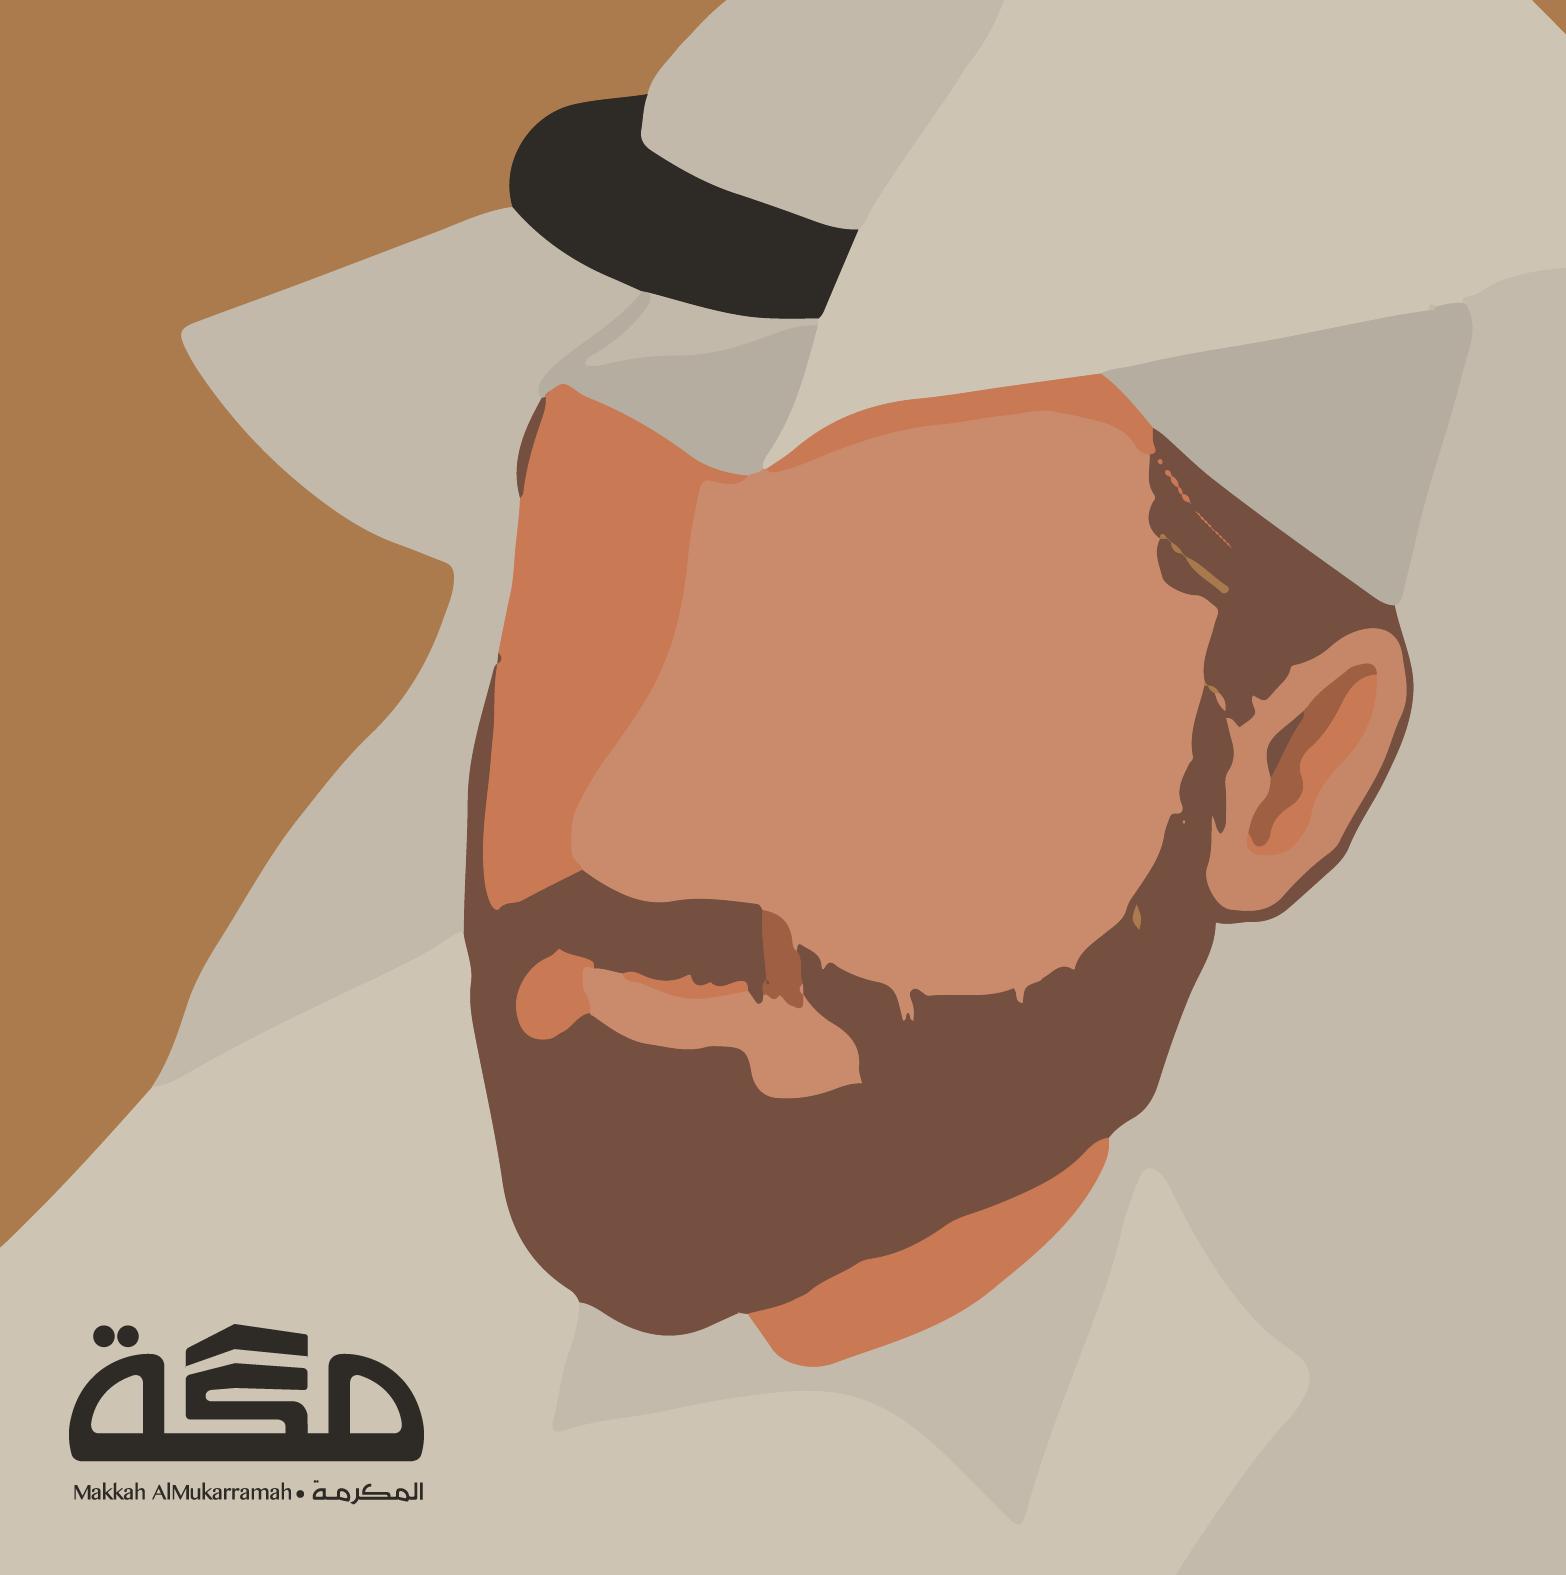 محمد عبدالرحمن الأسمري